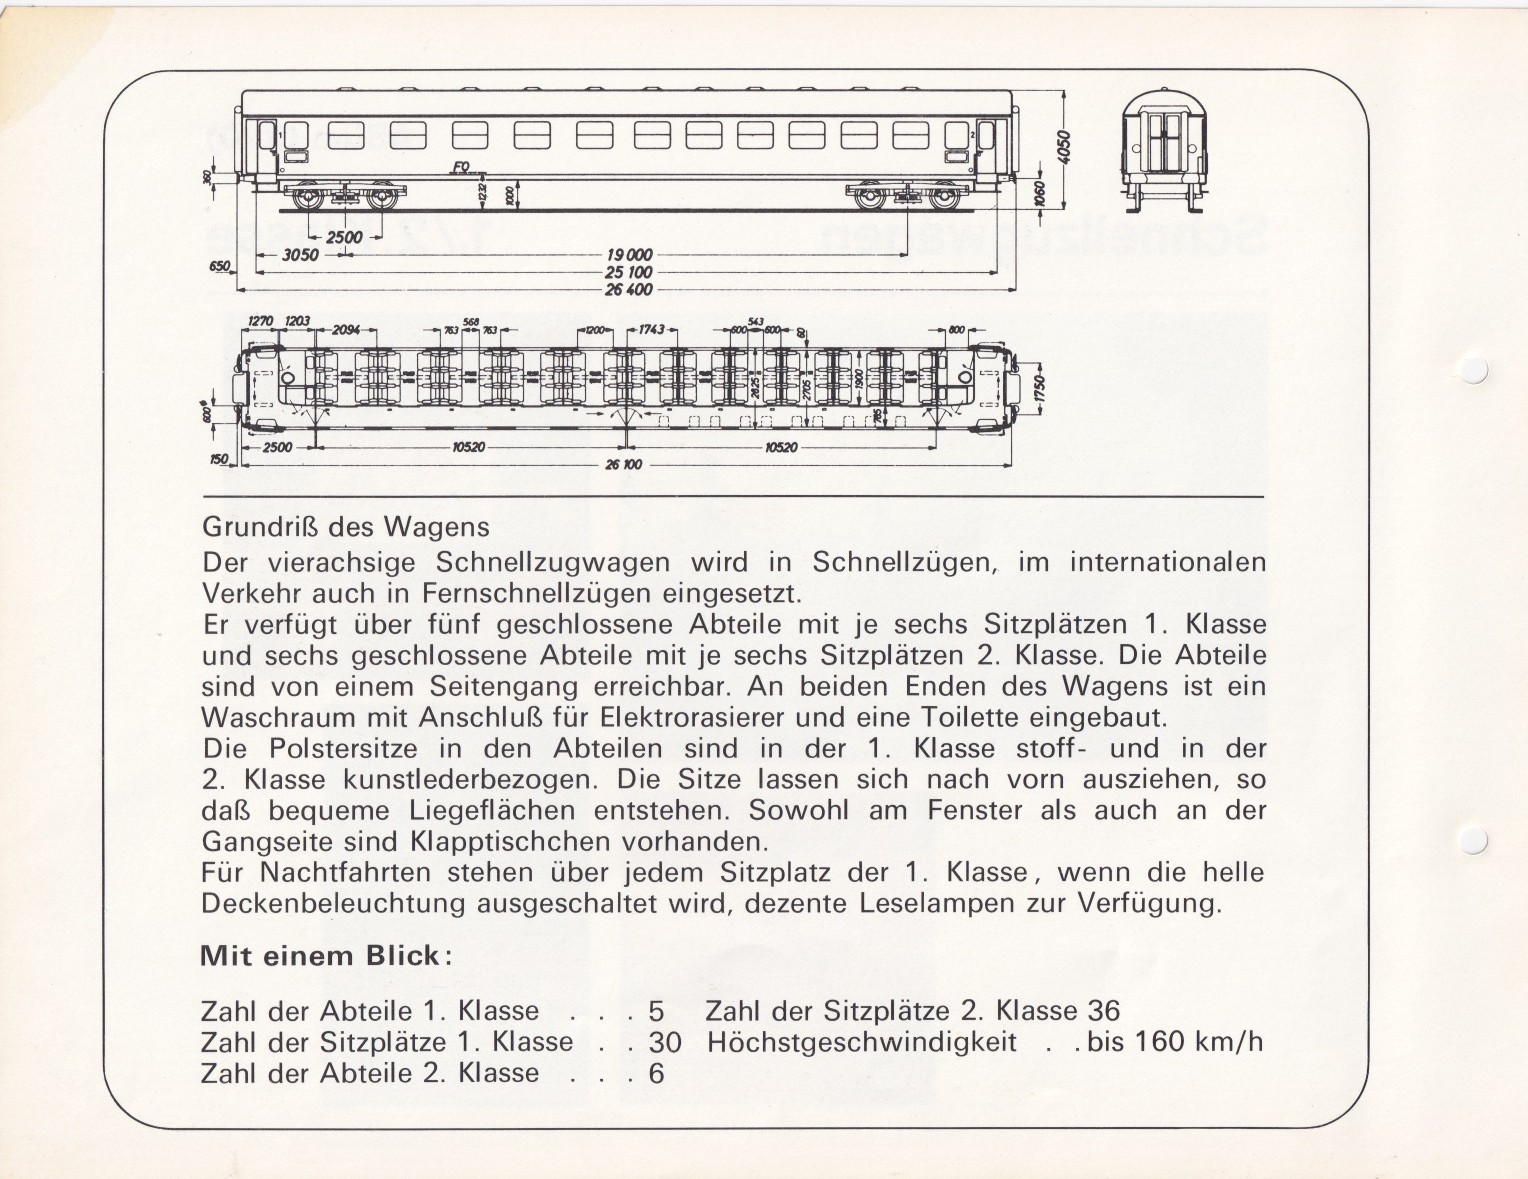 https://www.nullclub.de/hifo/Fahrzeuglexikon/Wagen11b.jpg